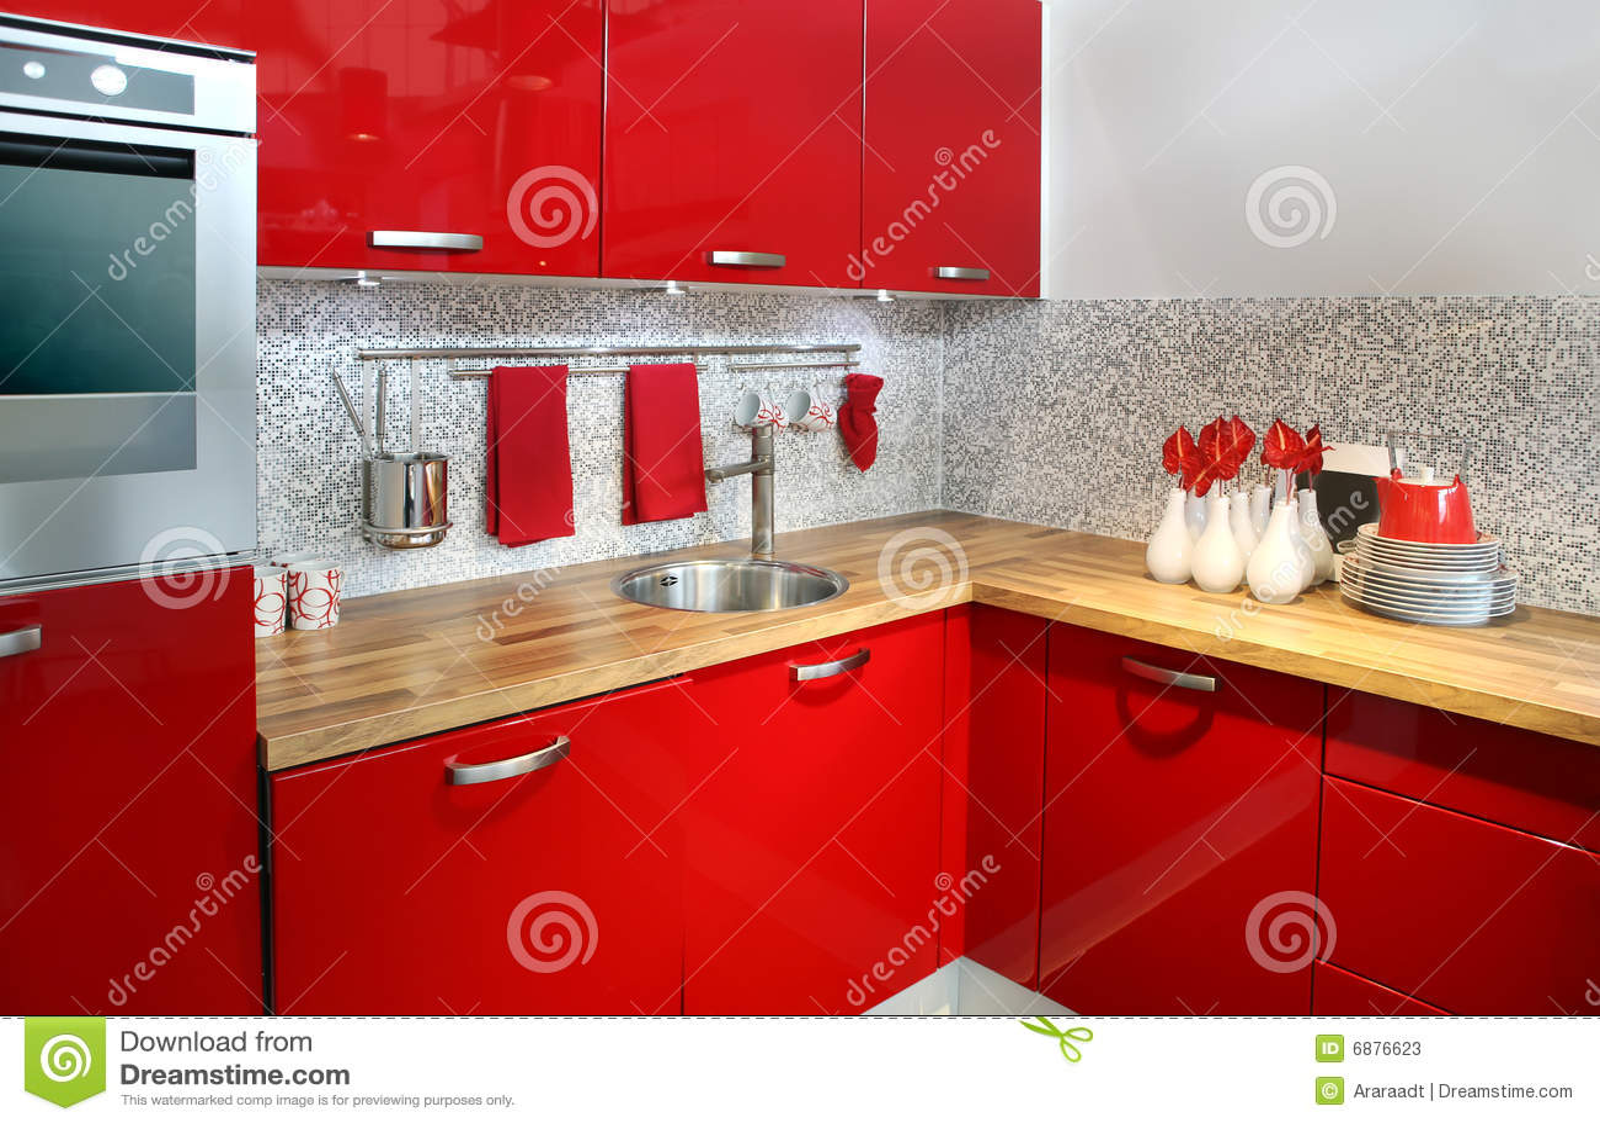 Complete Keuken Gebruikt : vind rode keuken in keuken complete keukens op rode keukens qasa